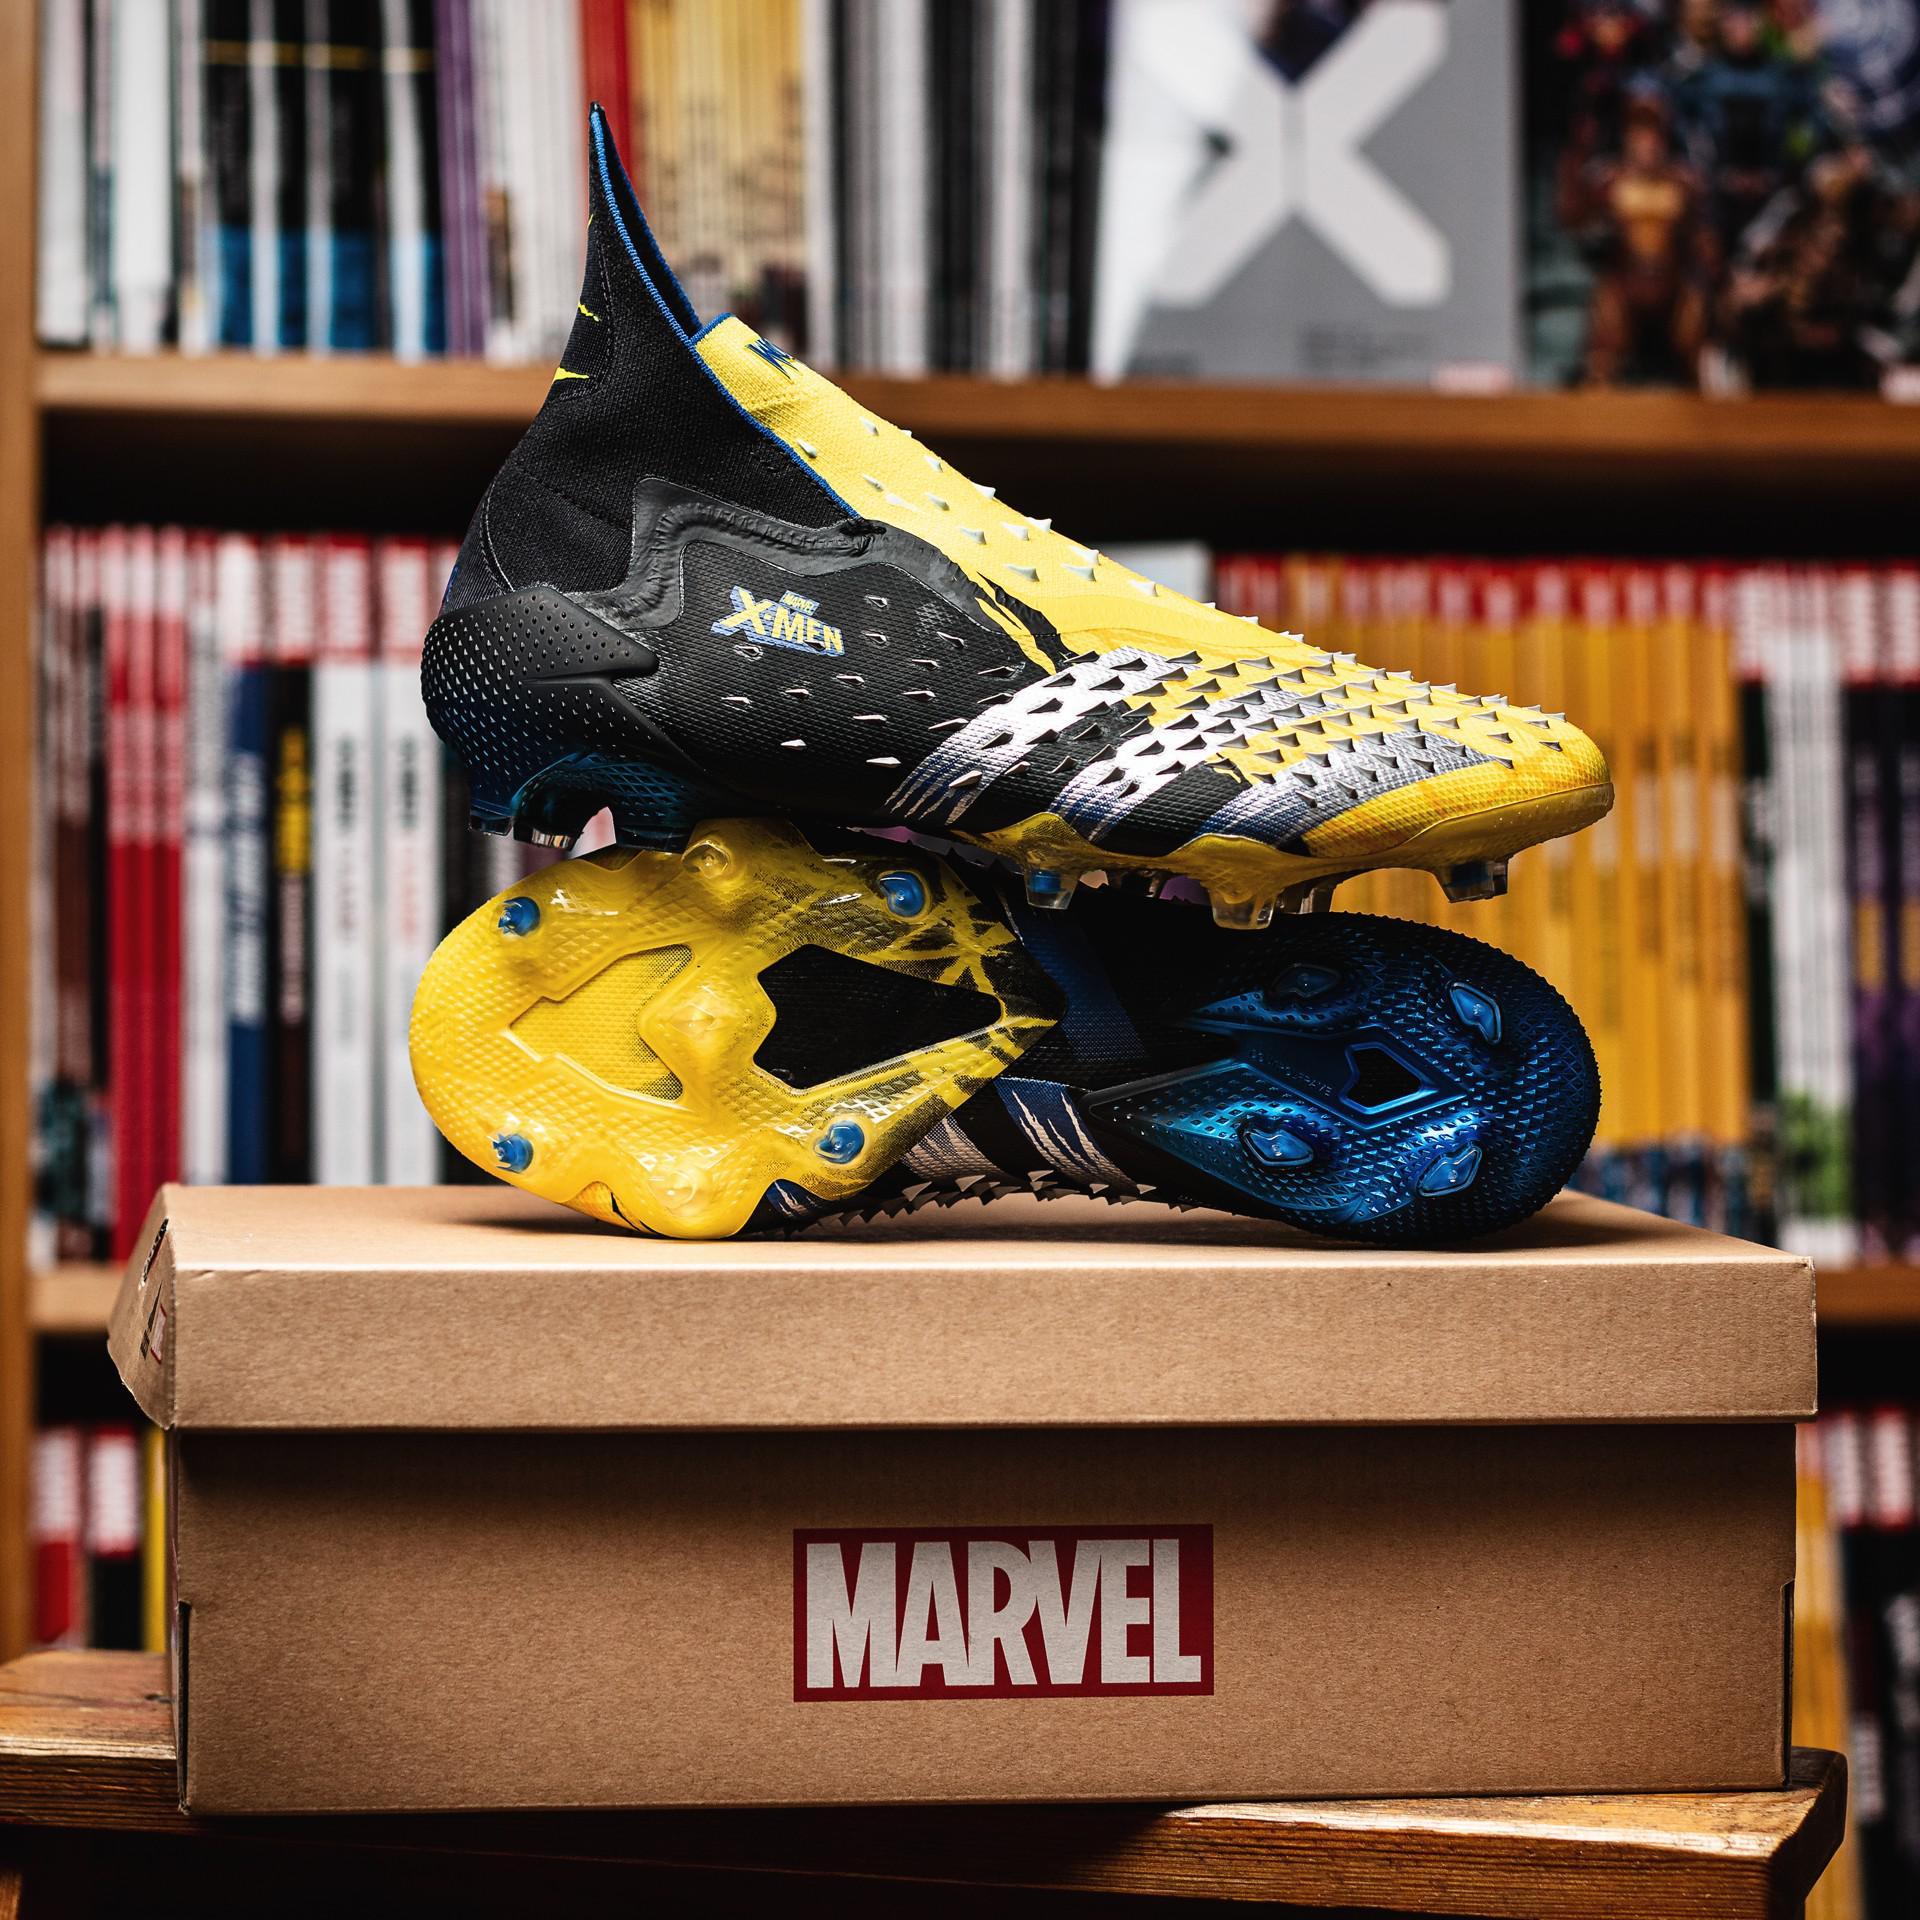 X Men x adidas Predator Freak Wolverine